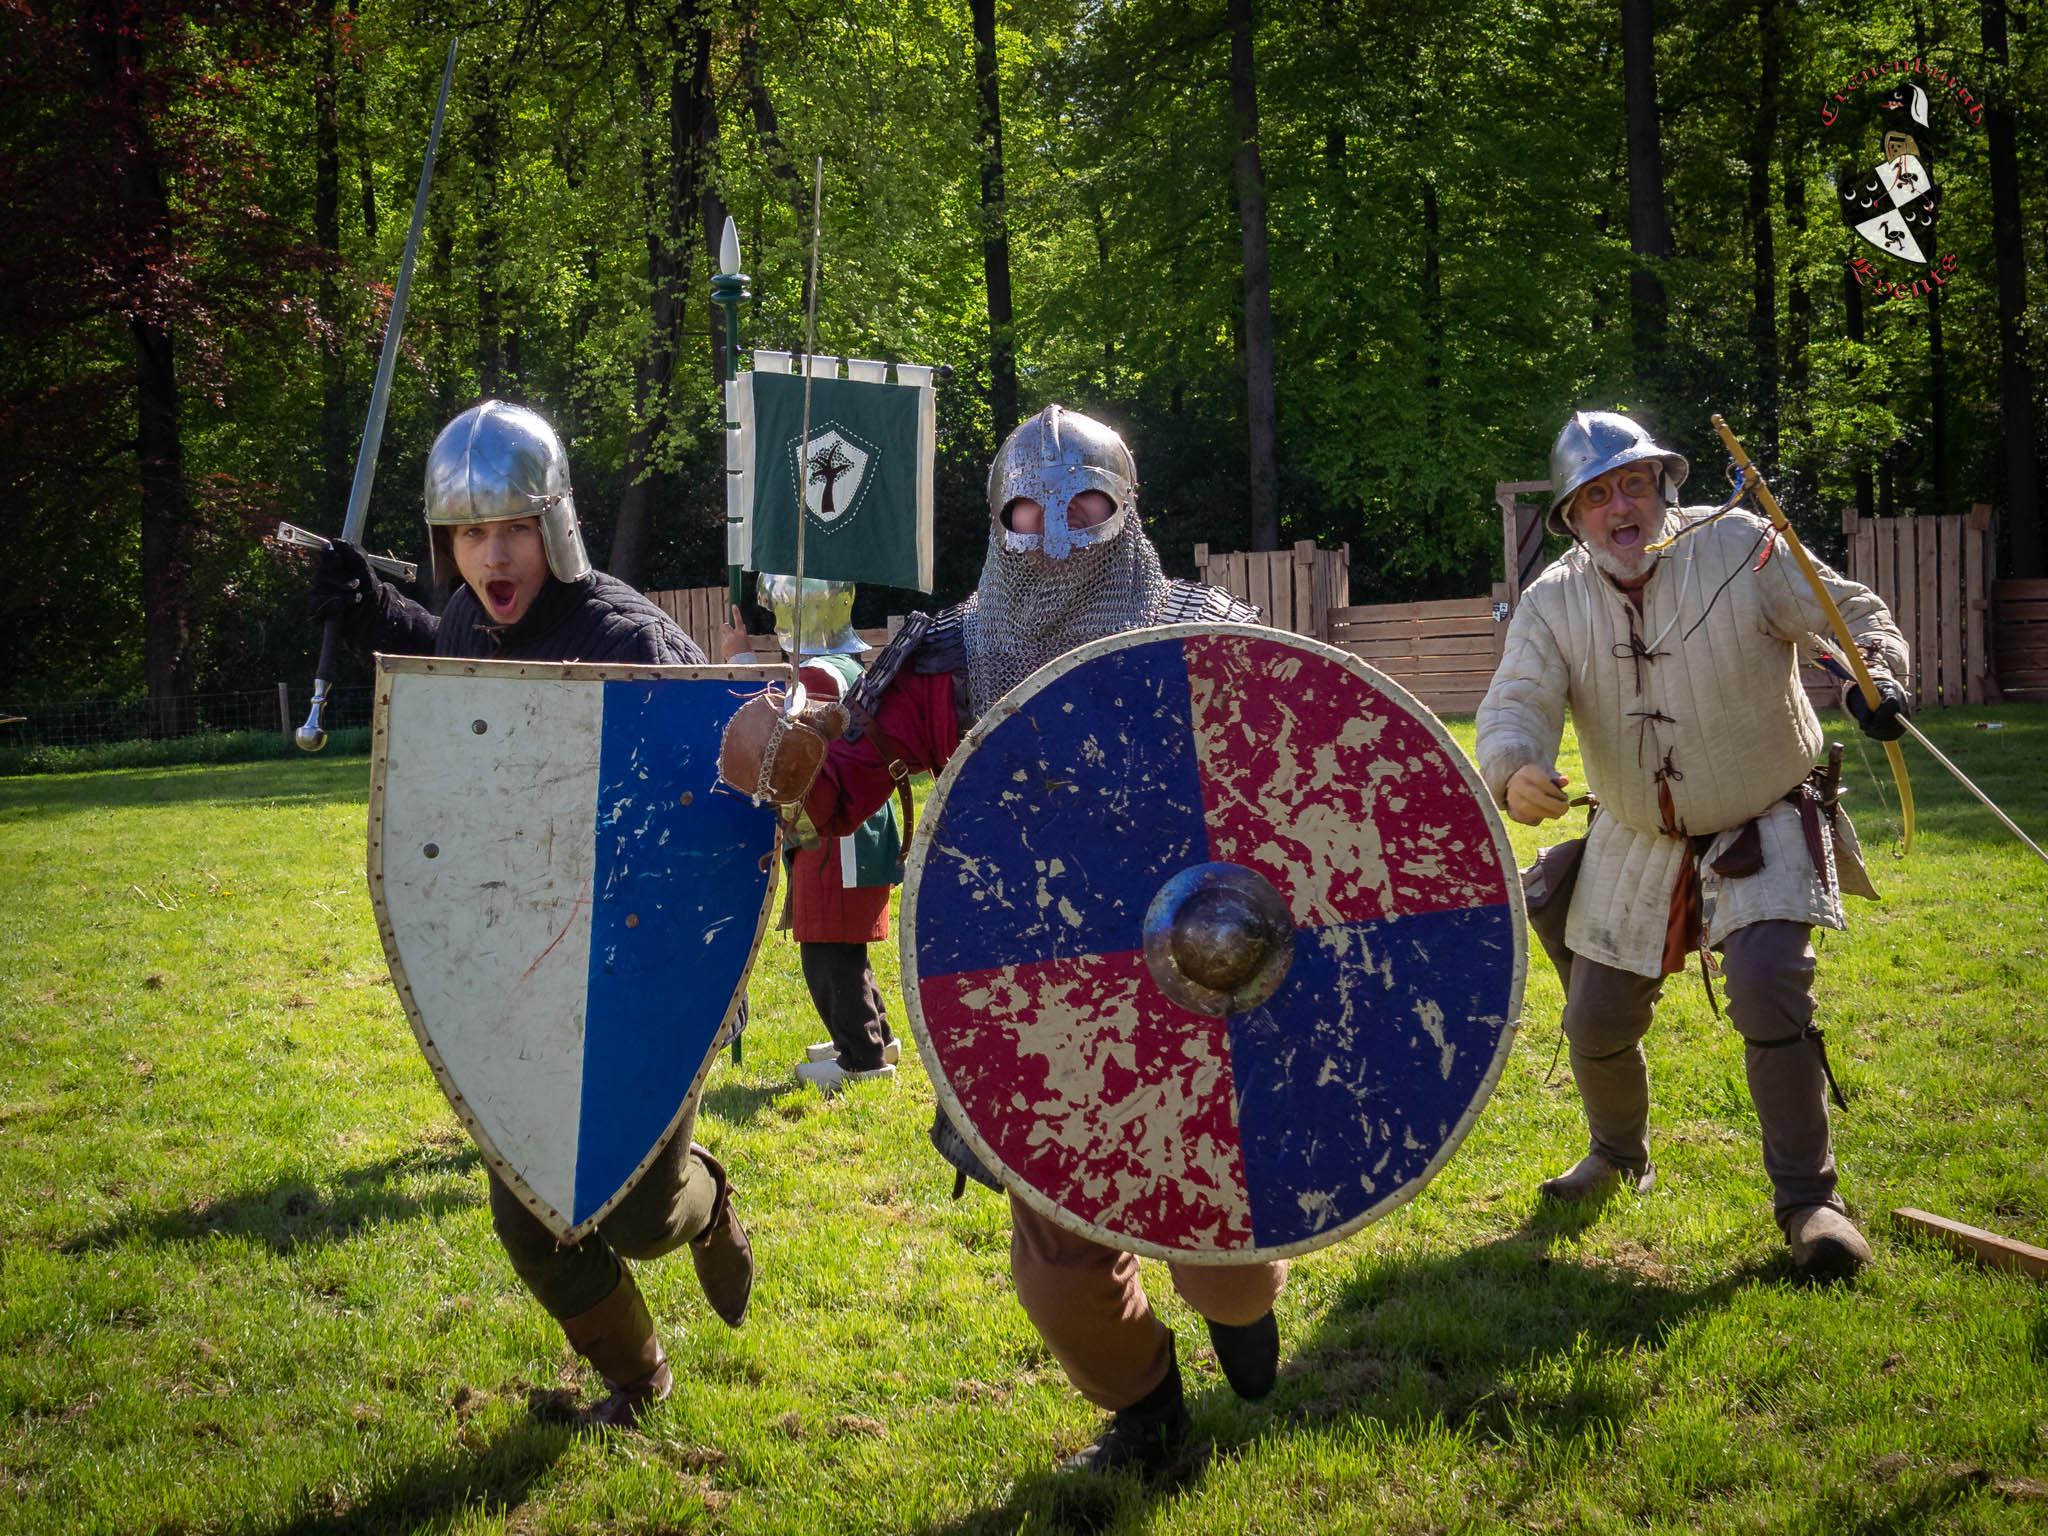 Middeleeuws-Festijn-Cannenburgh-2019-Ellen-la-Faille-59